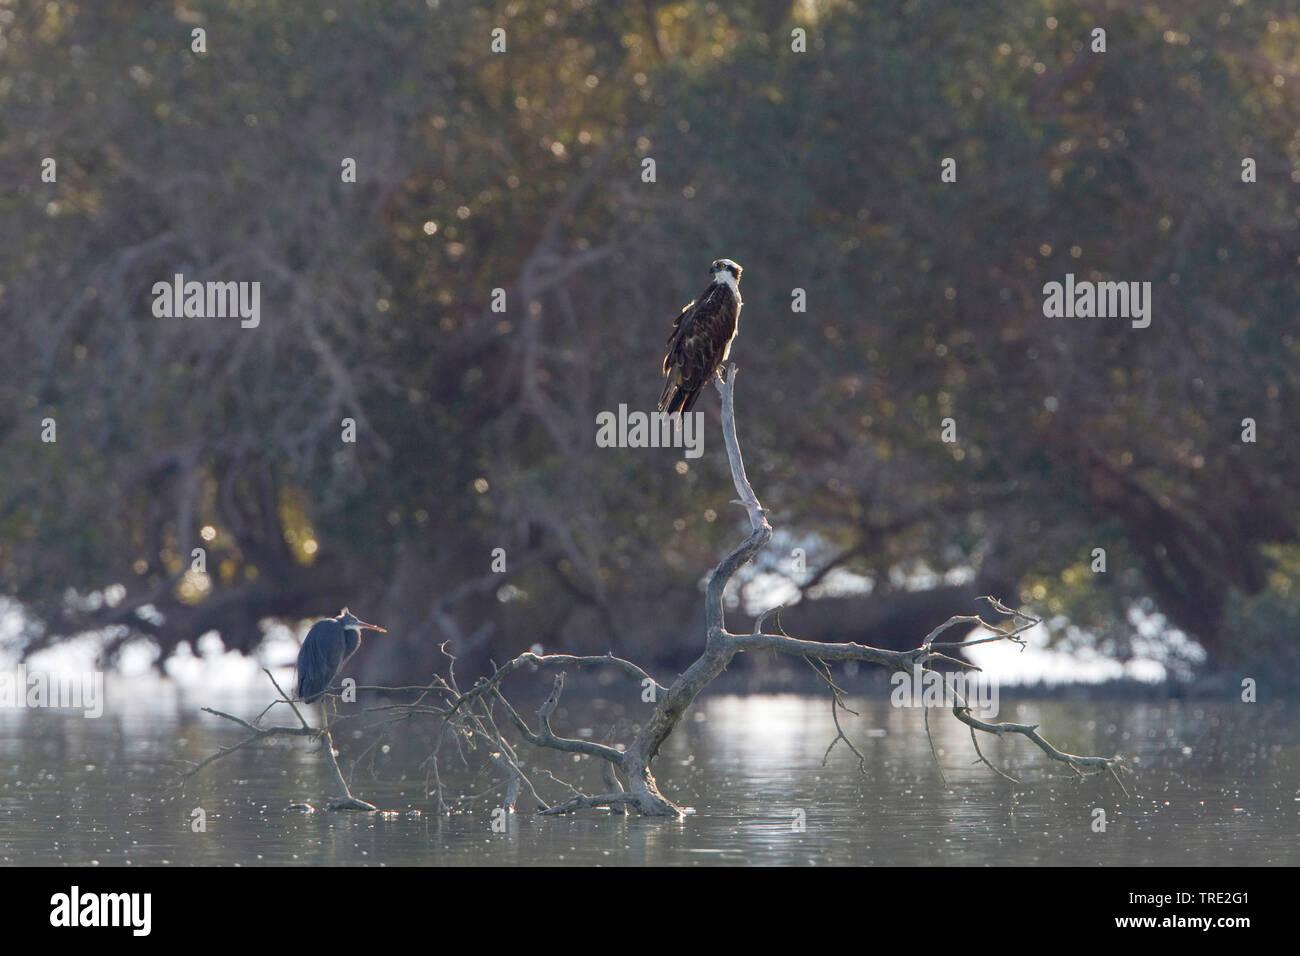 Fischadler, Fisch-Adler (Pandion haliaetus), und Graureiher auf Ansitz, Iran | osprey, fish hawk (Pandion haliaetus), and grey heron on lookout, Iran - Stock Image